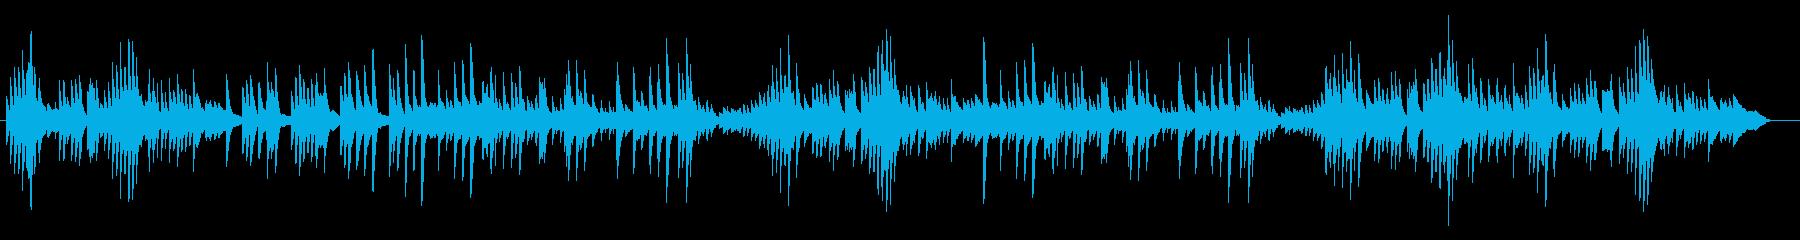 オルゴール調のオシャレでゆったりした曲の再生済みの波形